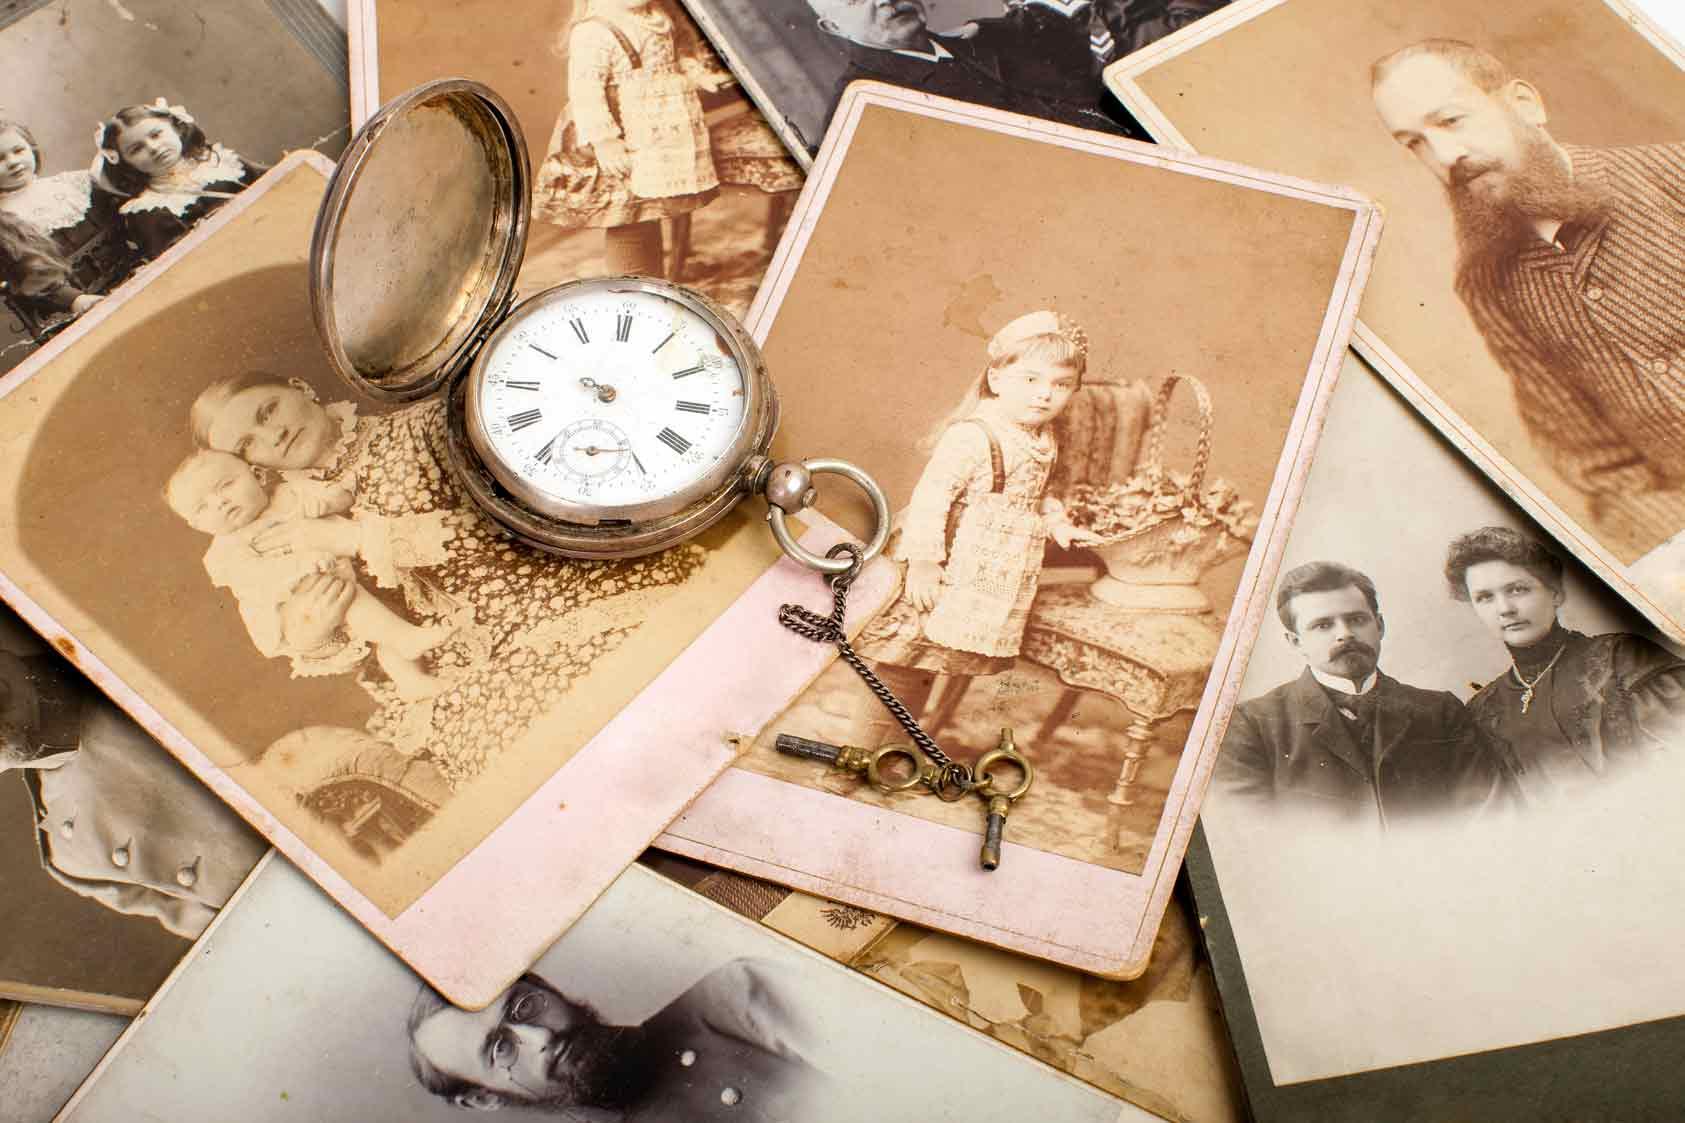 меховым ищем родных по старым фотографиям тех пор, как